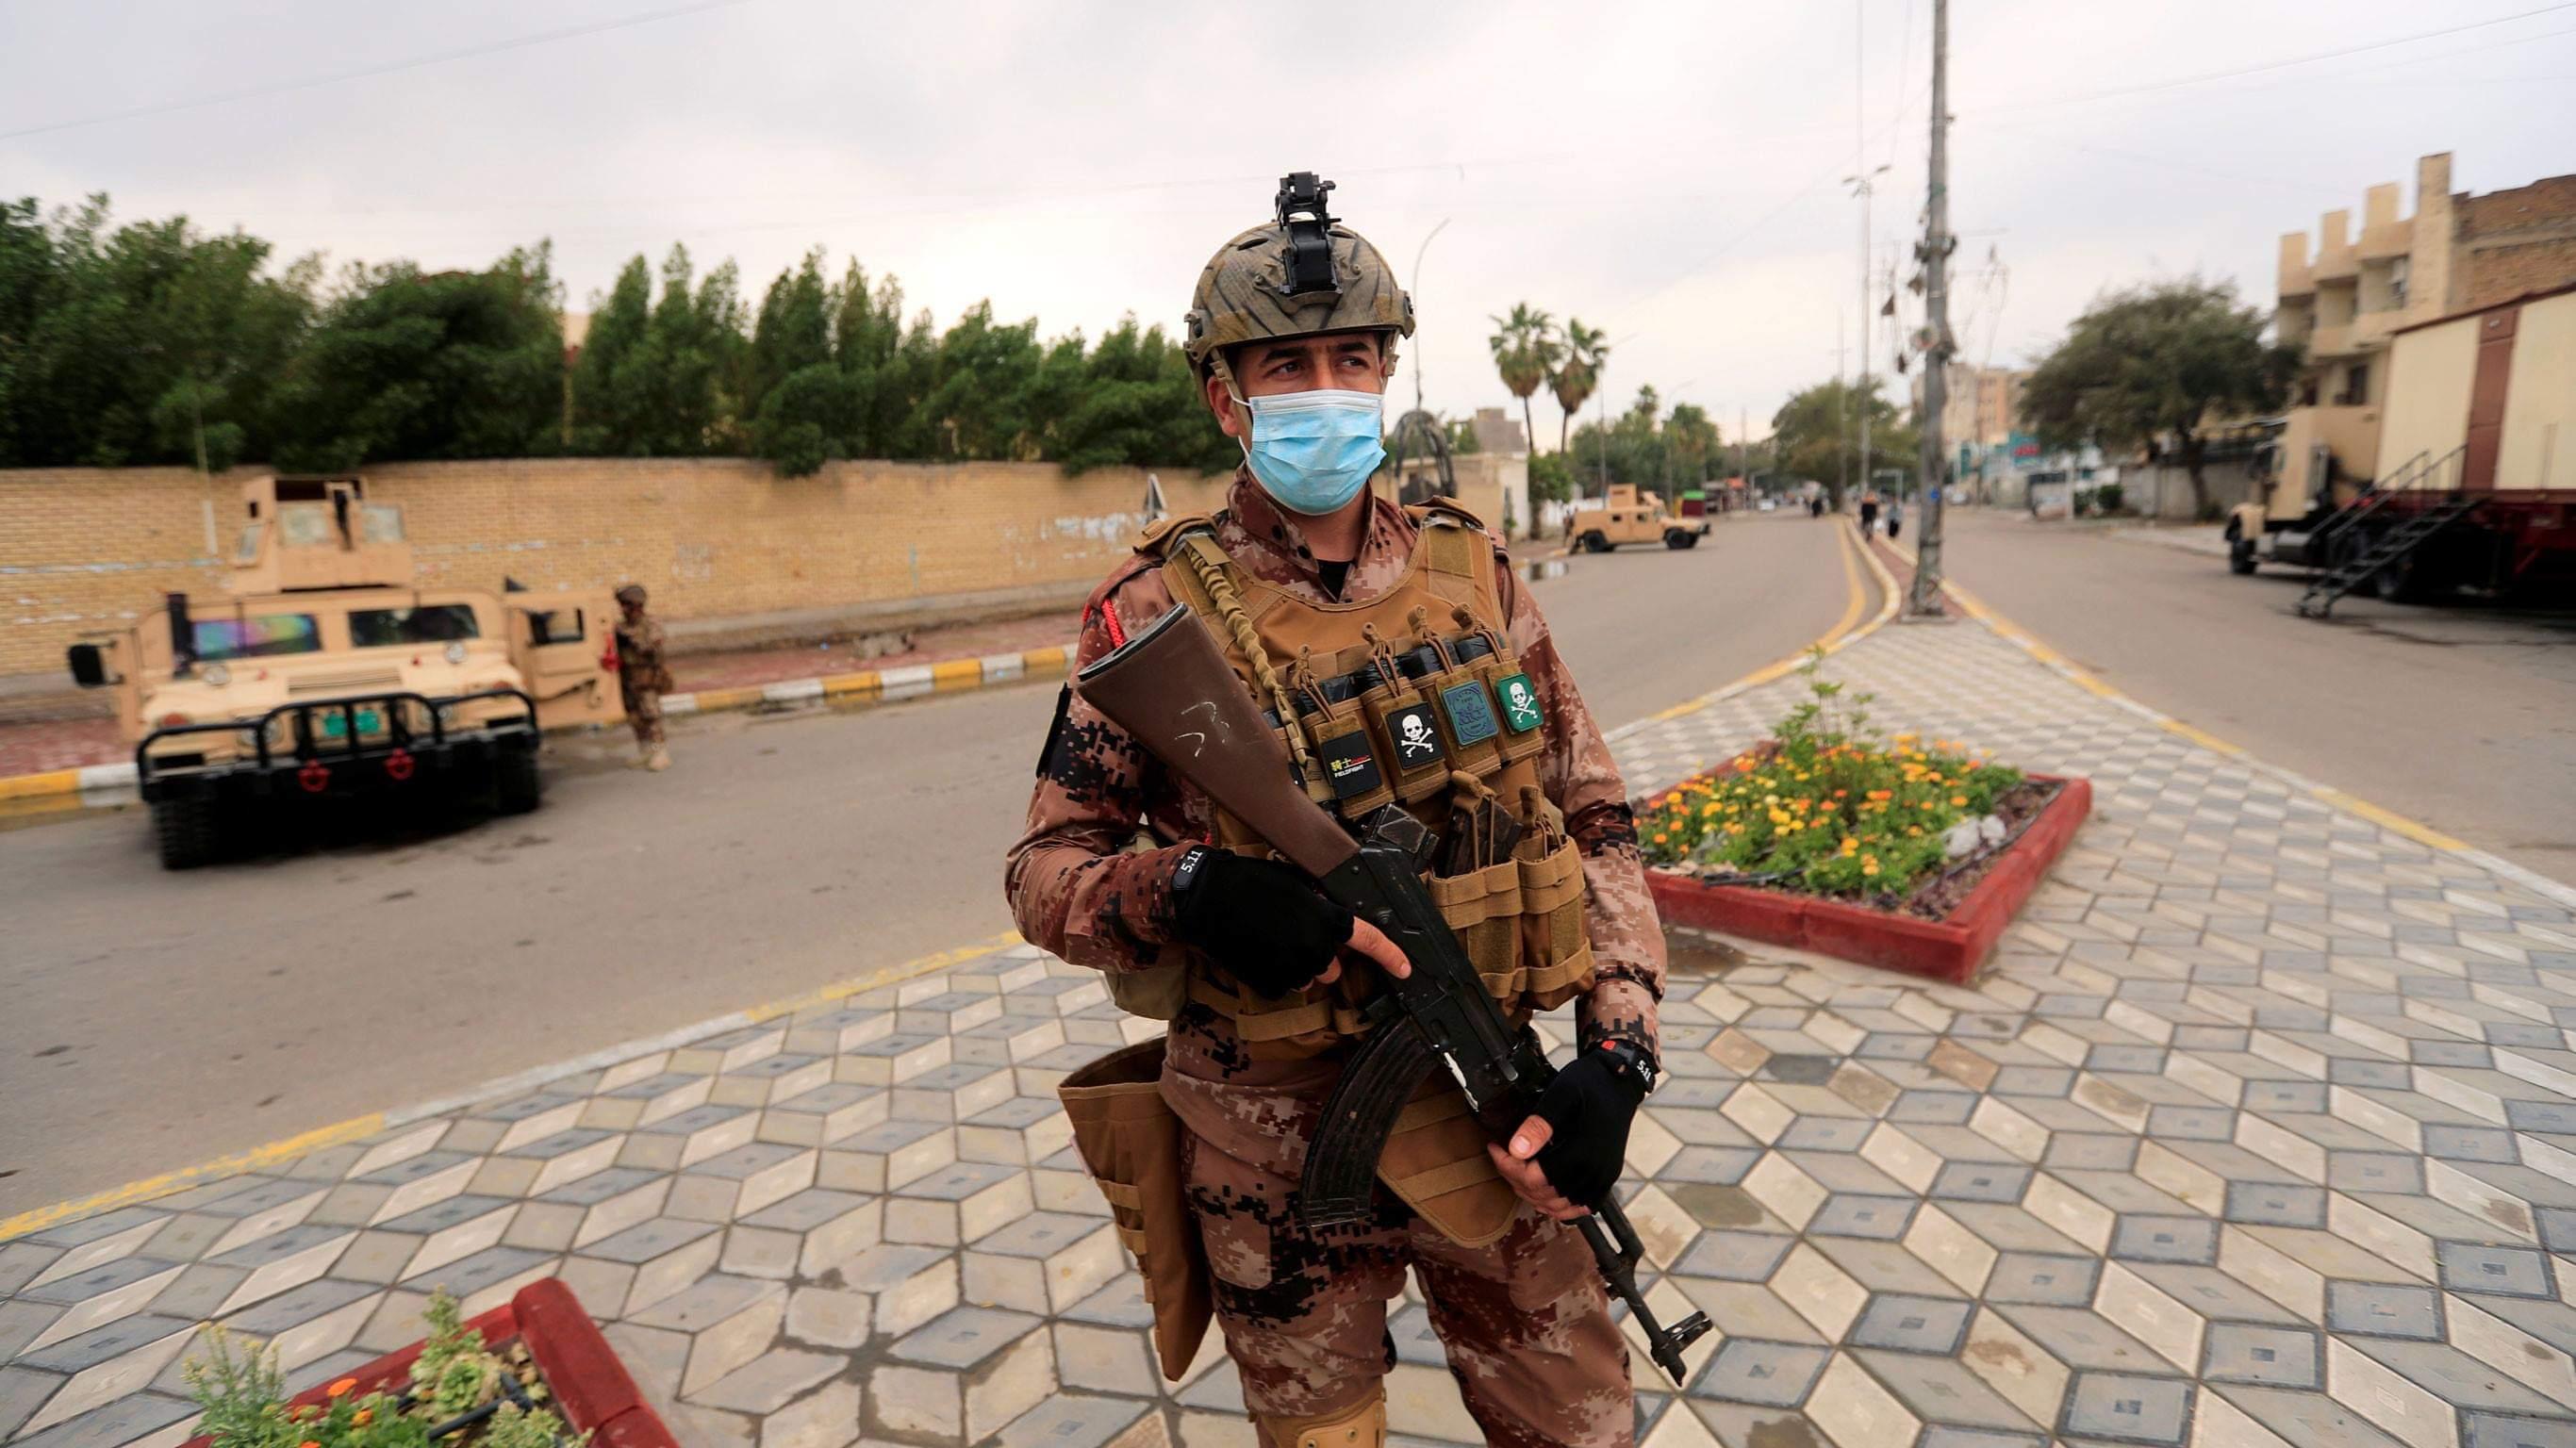 نزلت قوات الجيش العراقي الى الشوارع ونشرت مرابطات للمساهمة بتطبيق حظر التجوال.